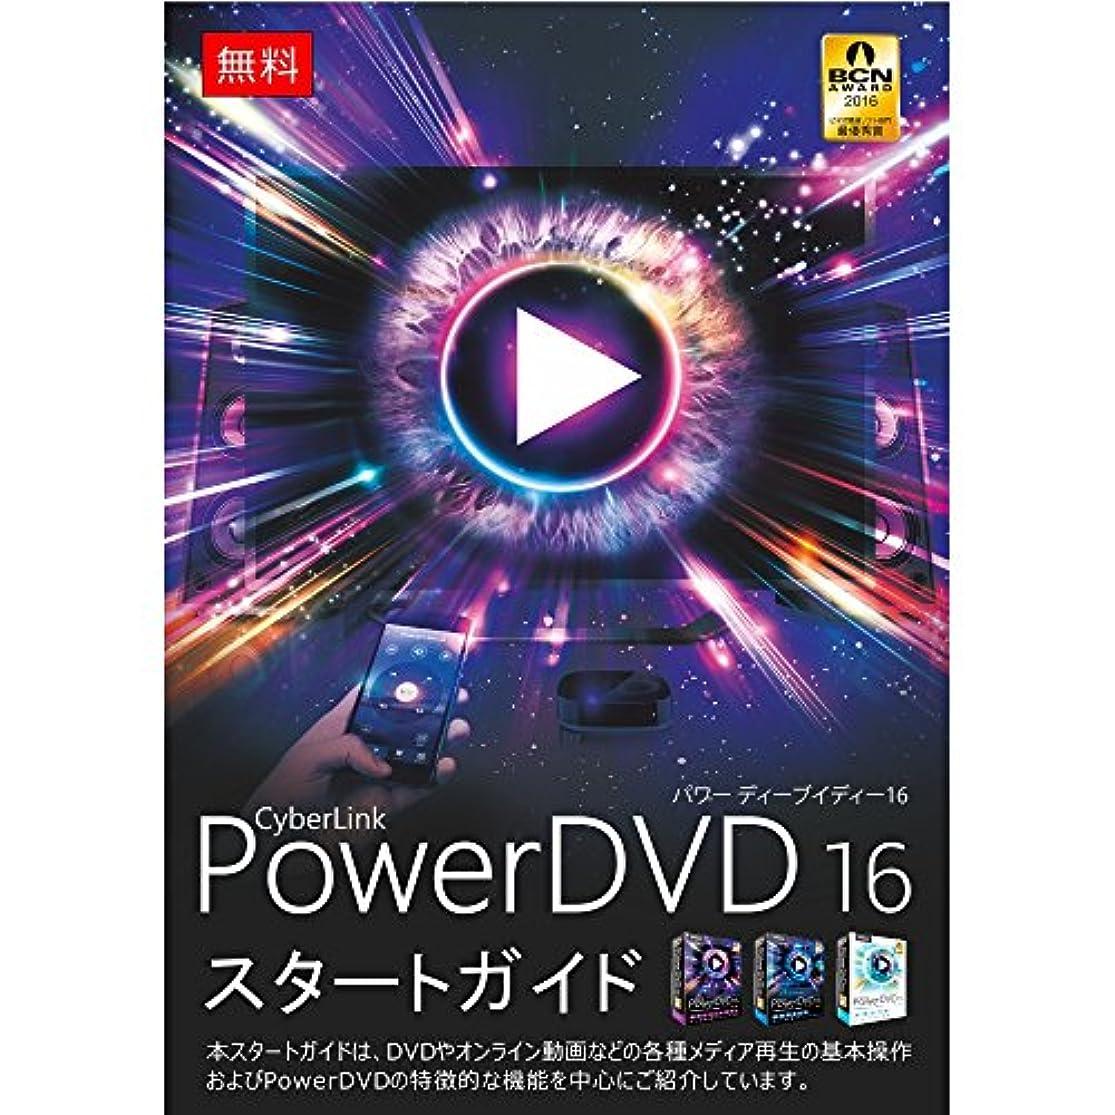 削除する解明する横たわるPowerDVD 16 スタートガイド|ダウンロード版